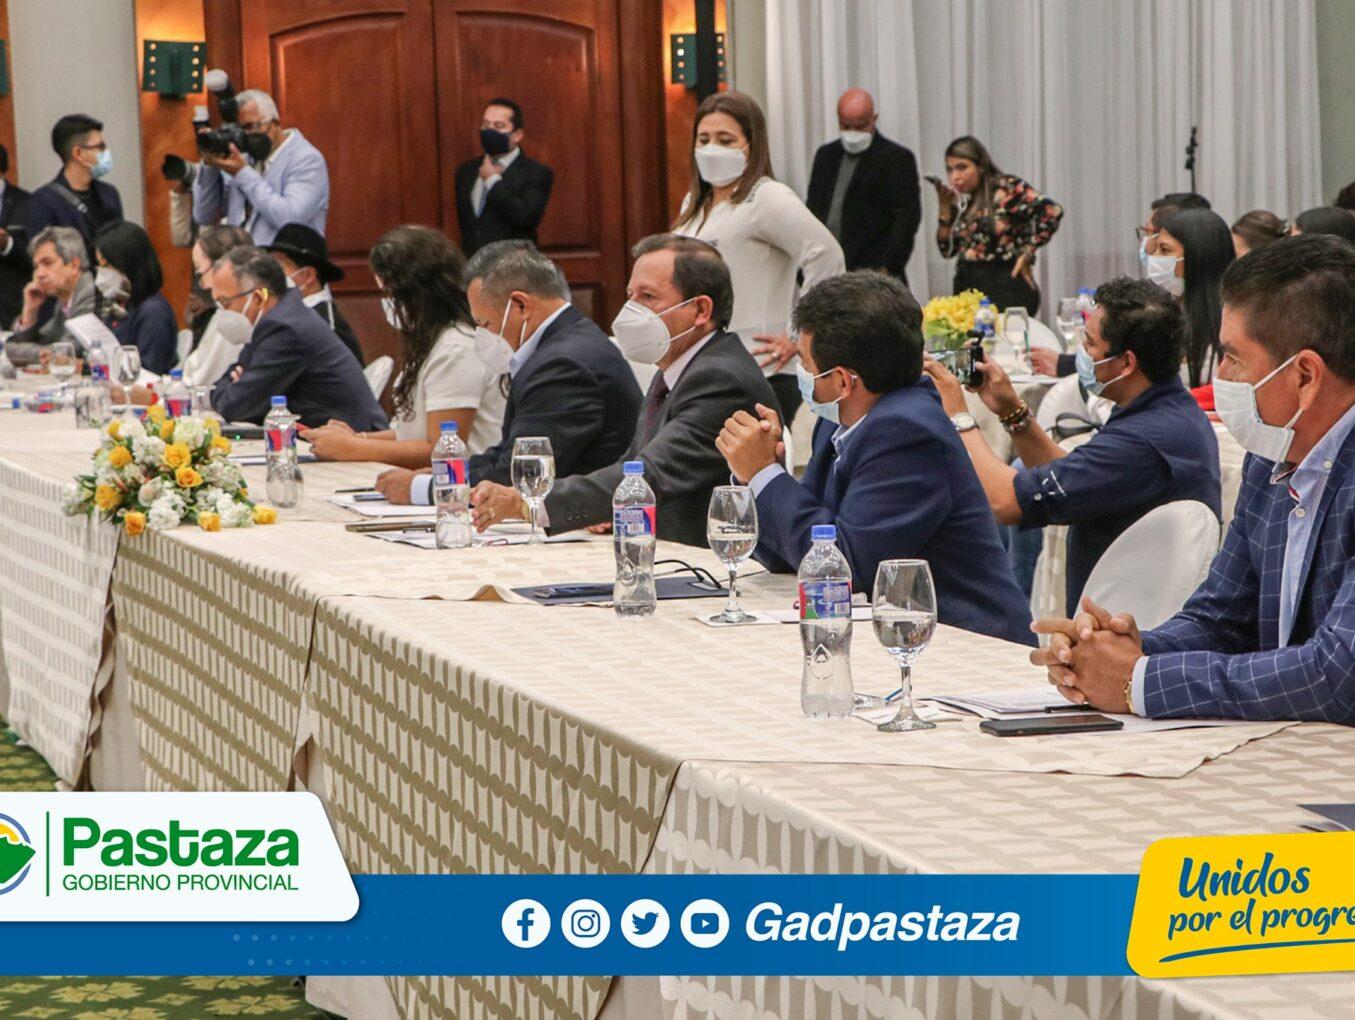 ¡Prefecto de Pastaza forma parte del Directorio del CONGOPE!